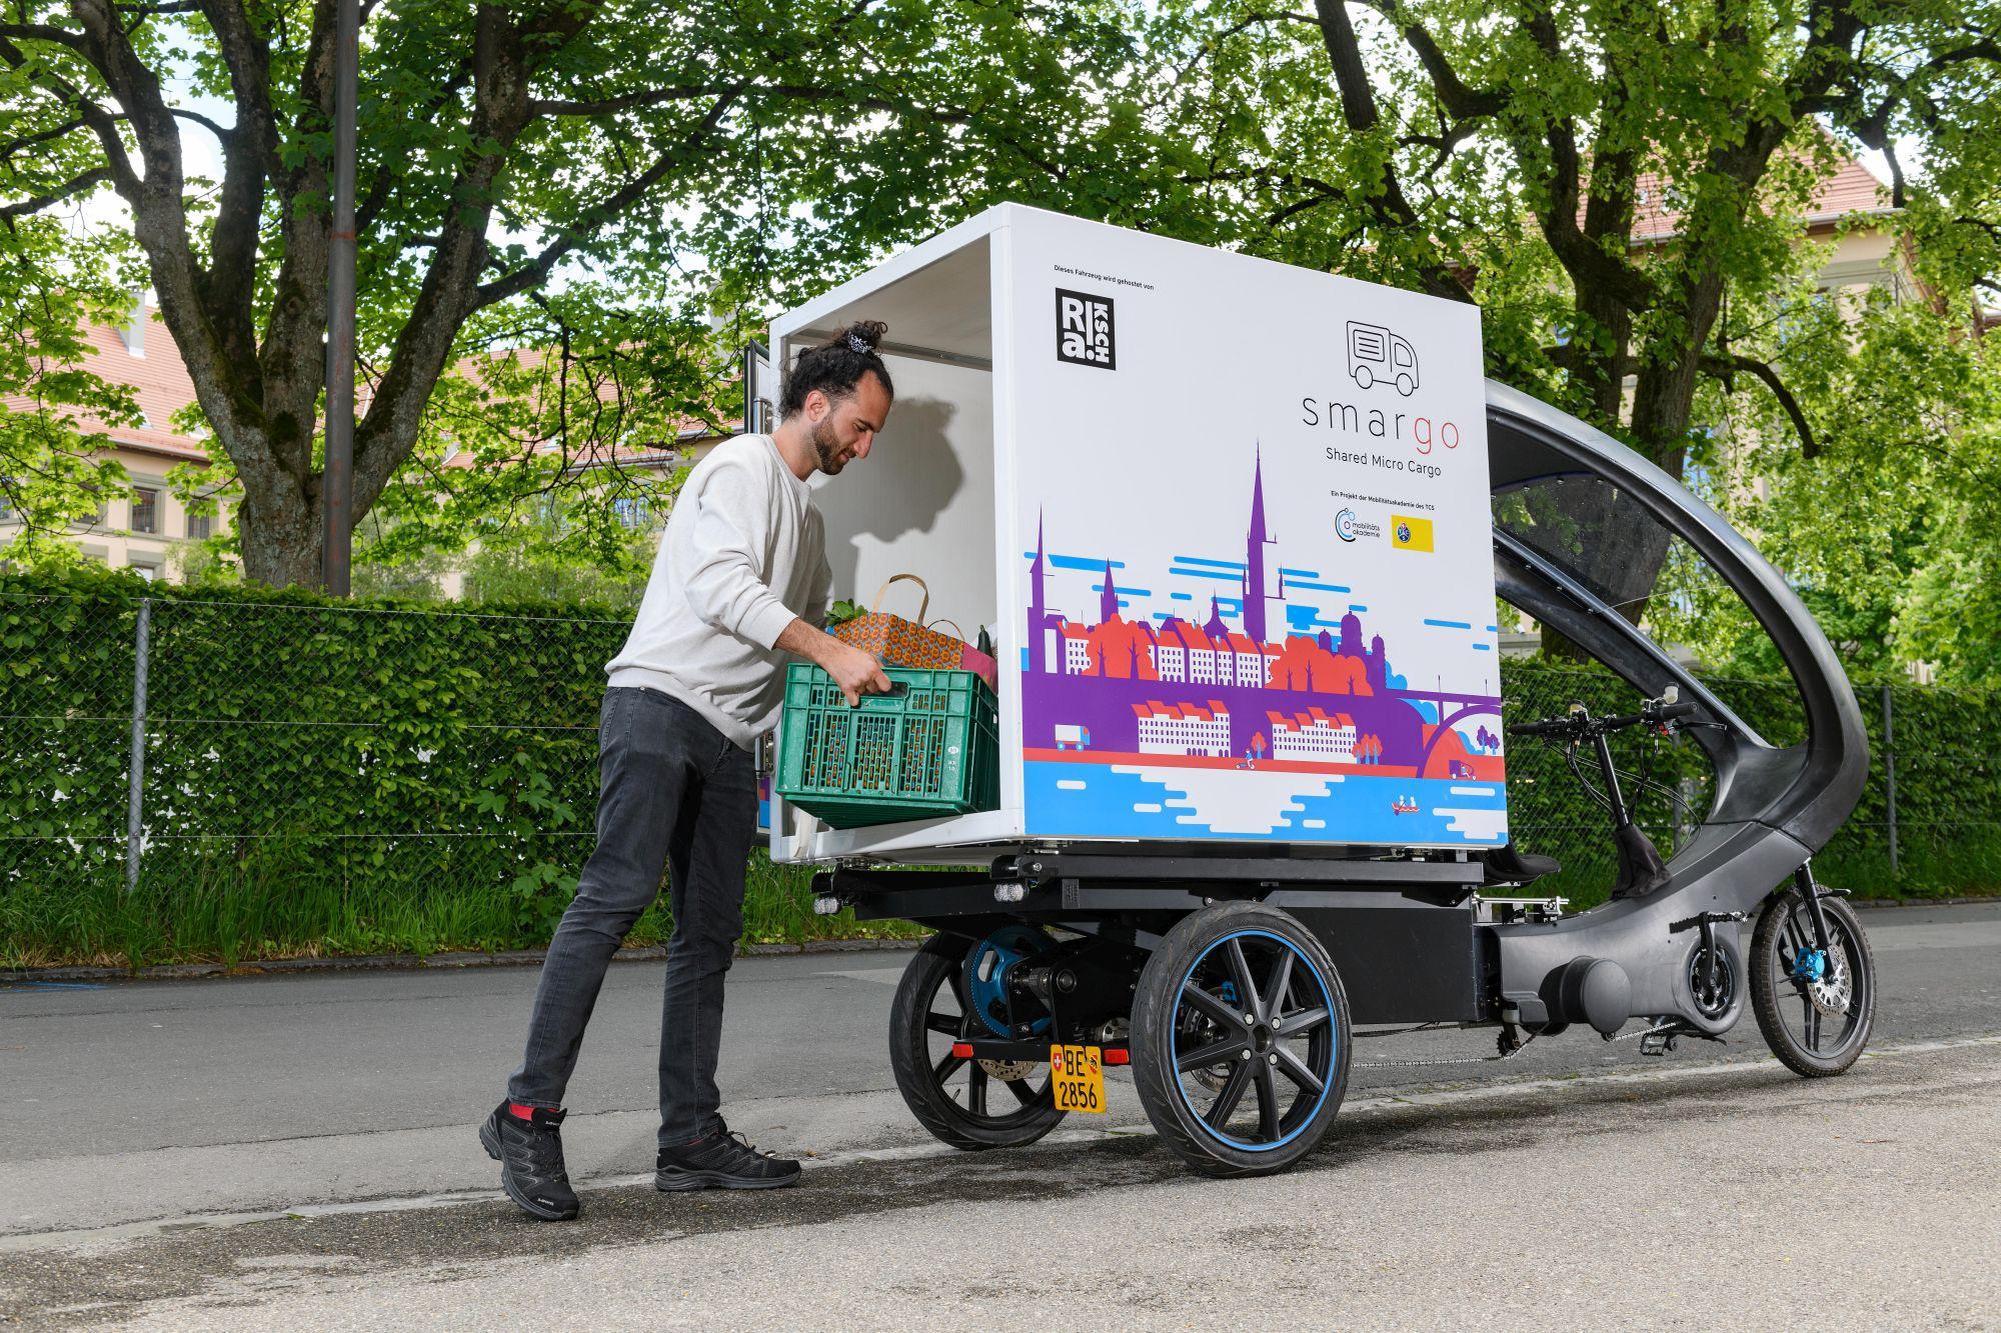 Sie eignen sich für den Transport schwerer oder sperriger Waren, für die sich das Fahrrad oder der ÖV nicht eignen. Smargo